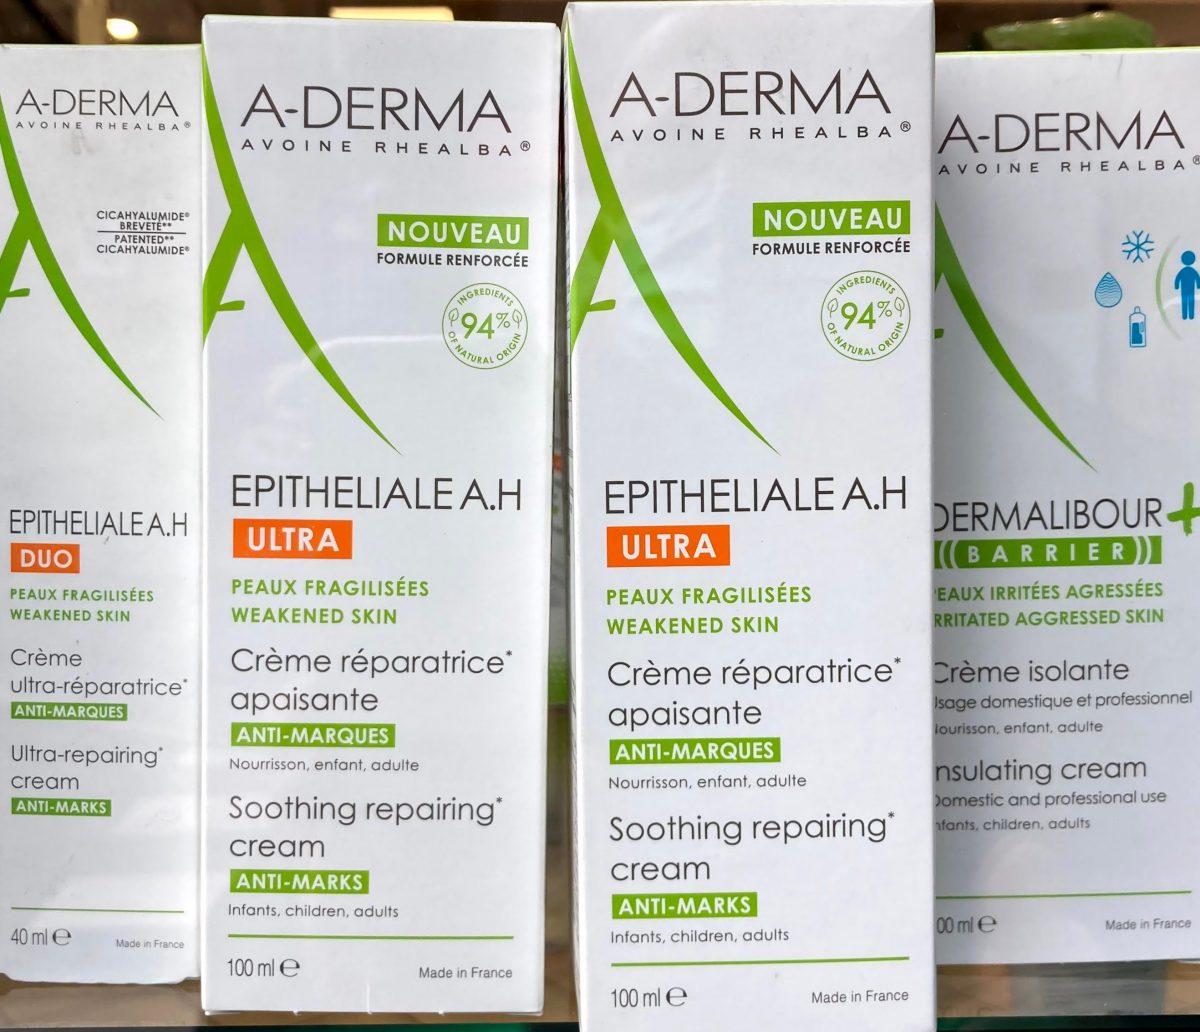 A-Derma Epitelial AH Crema Duo 100 ml Crema reparadora para las marcas de la piel con activos naturales.